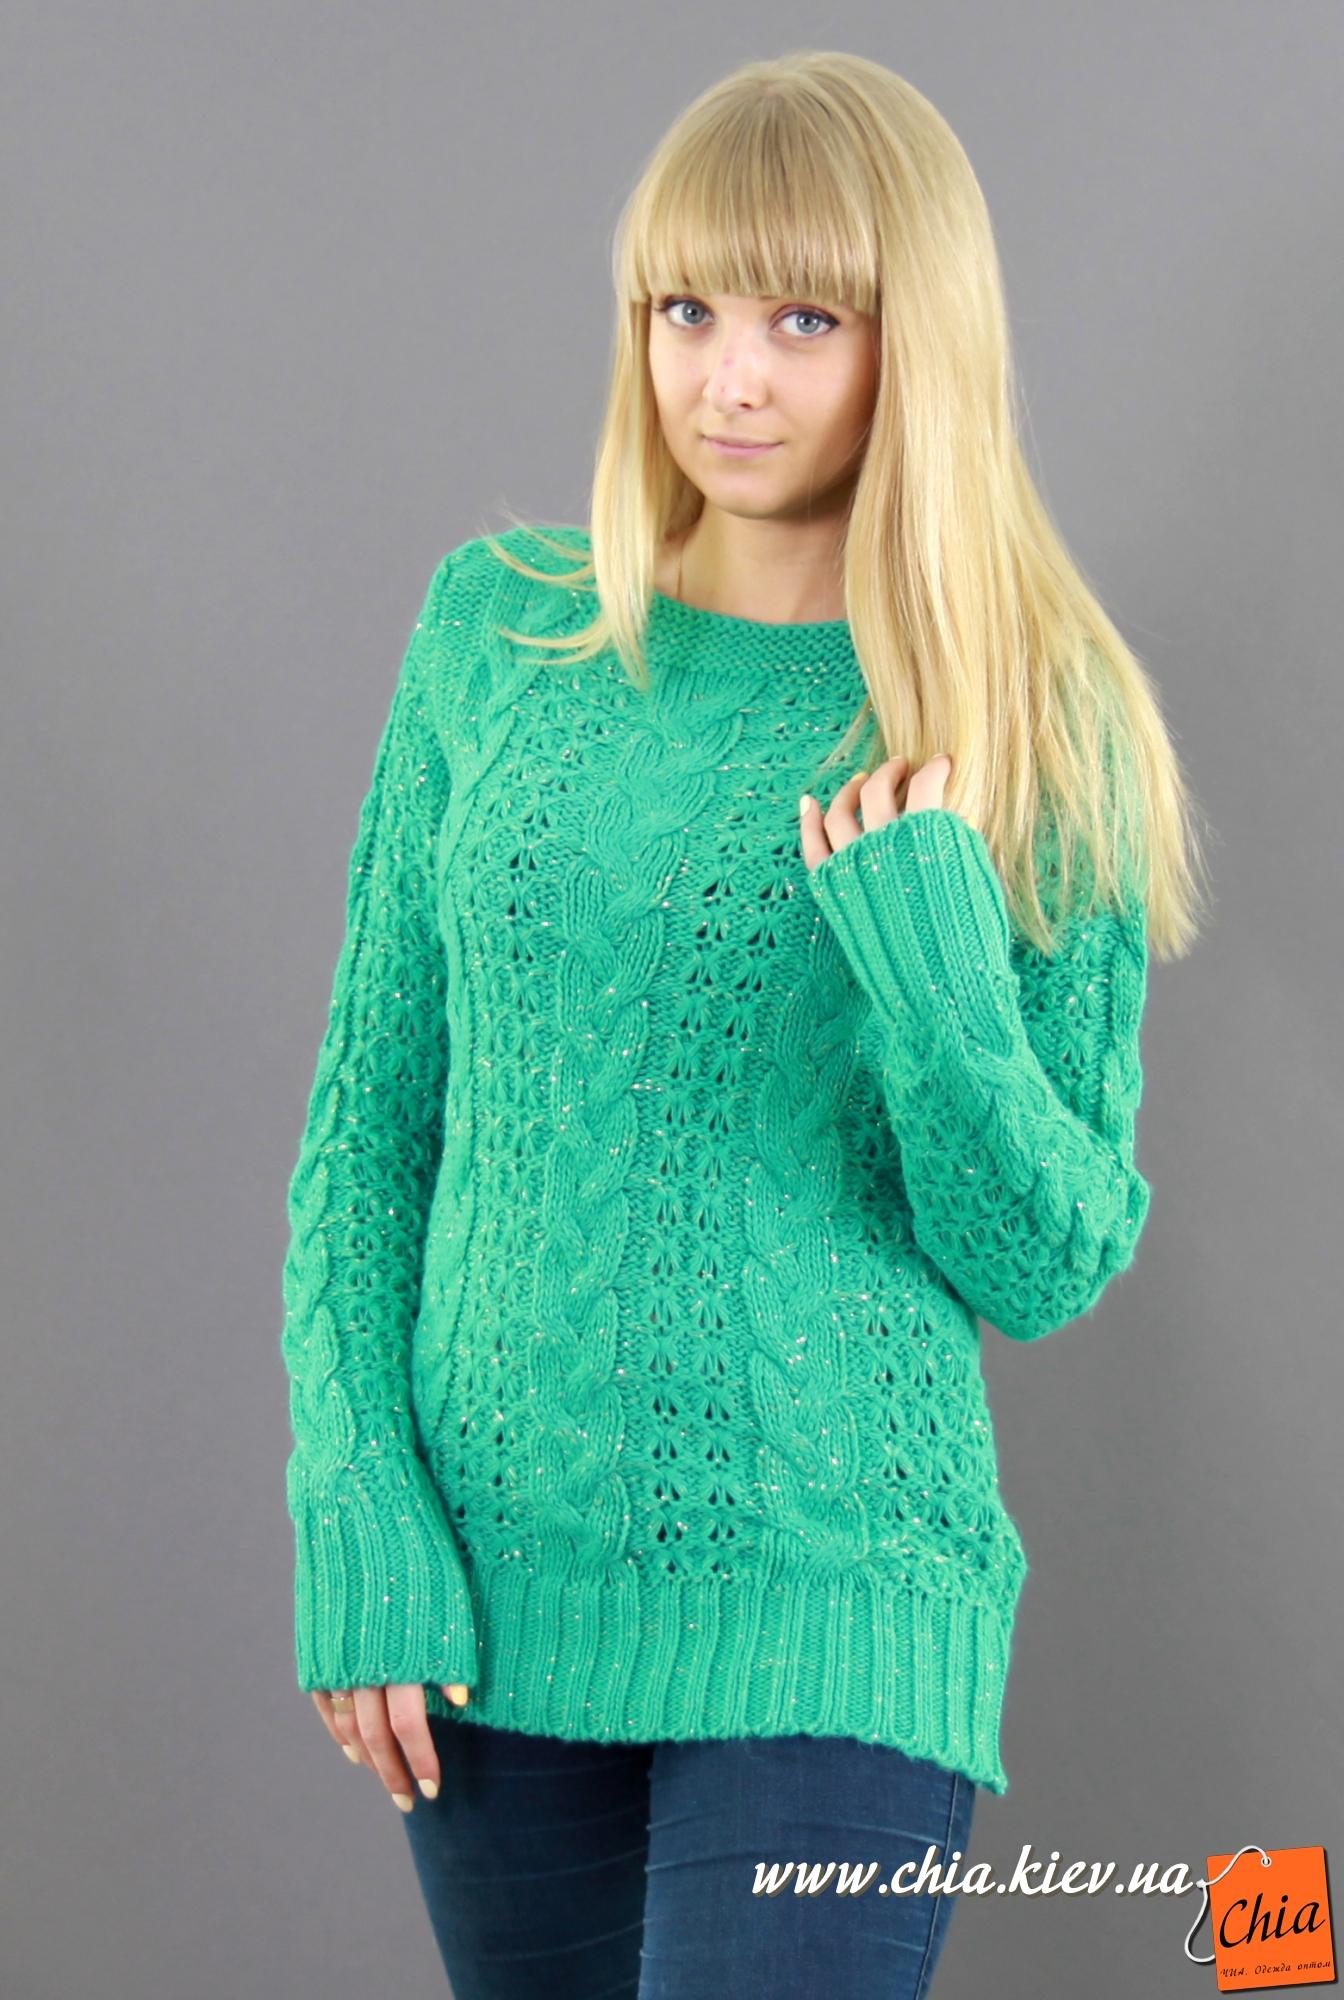 купить вязаную кофту женскую в интернет магазине недорого